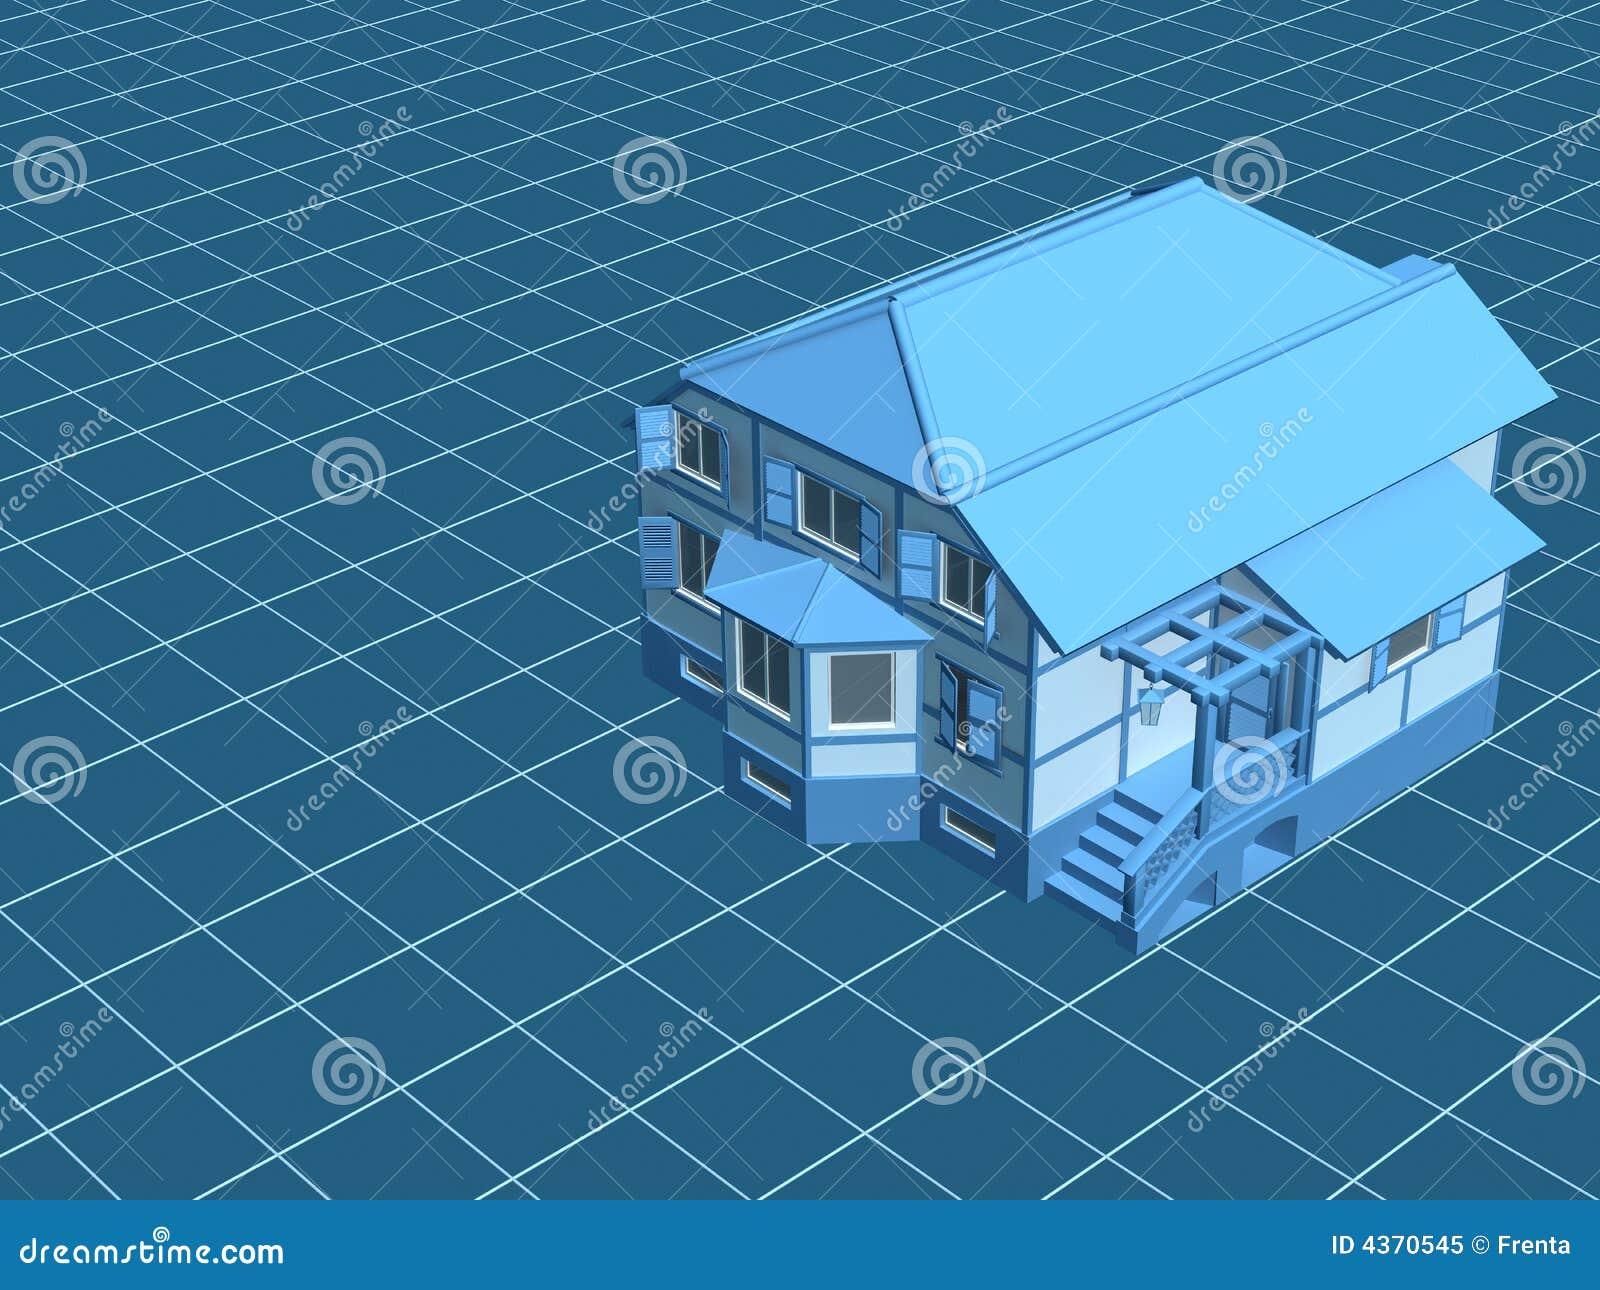 Modelo 3d a casa, valor em uma superfície digital